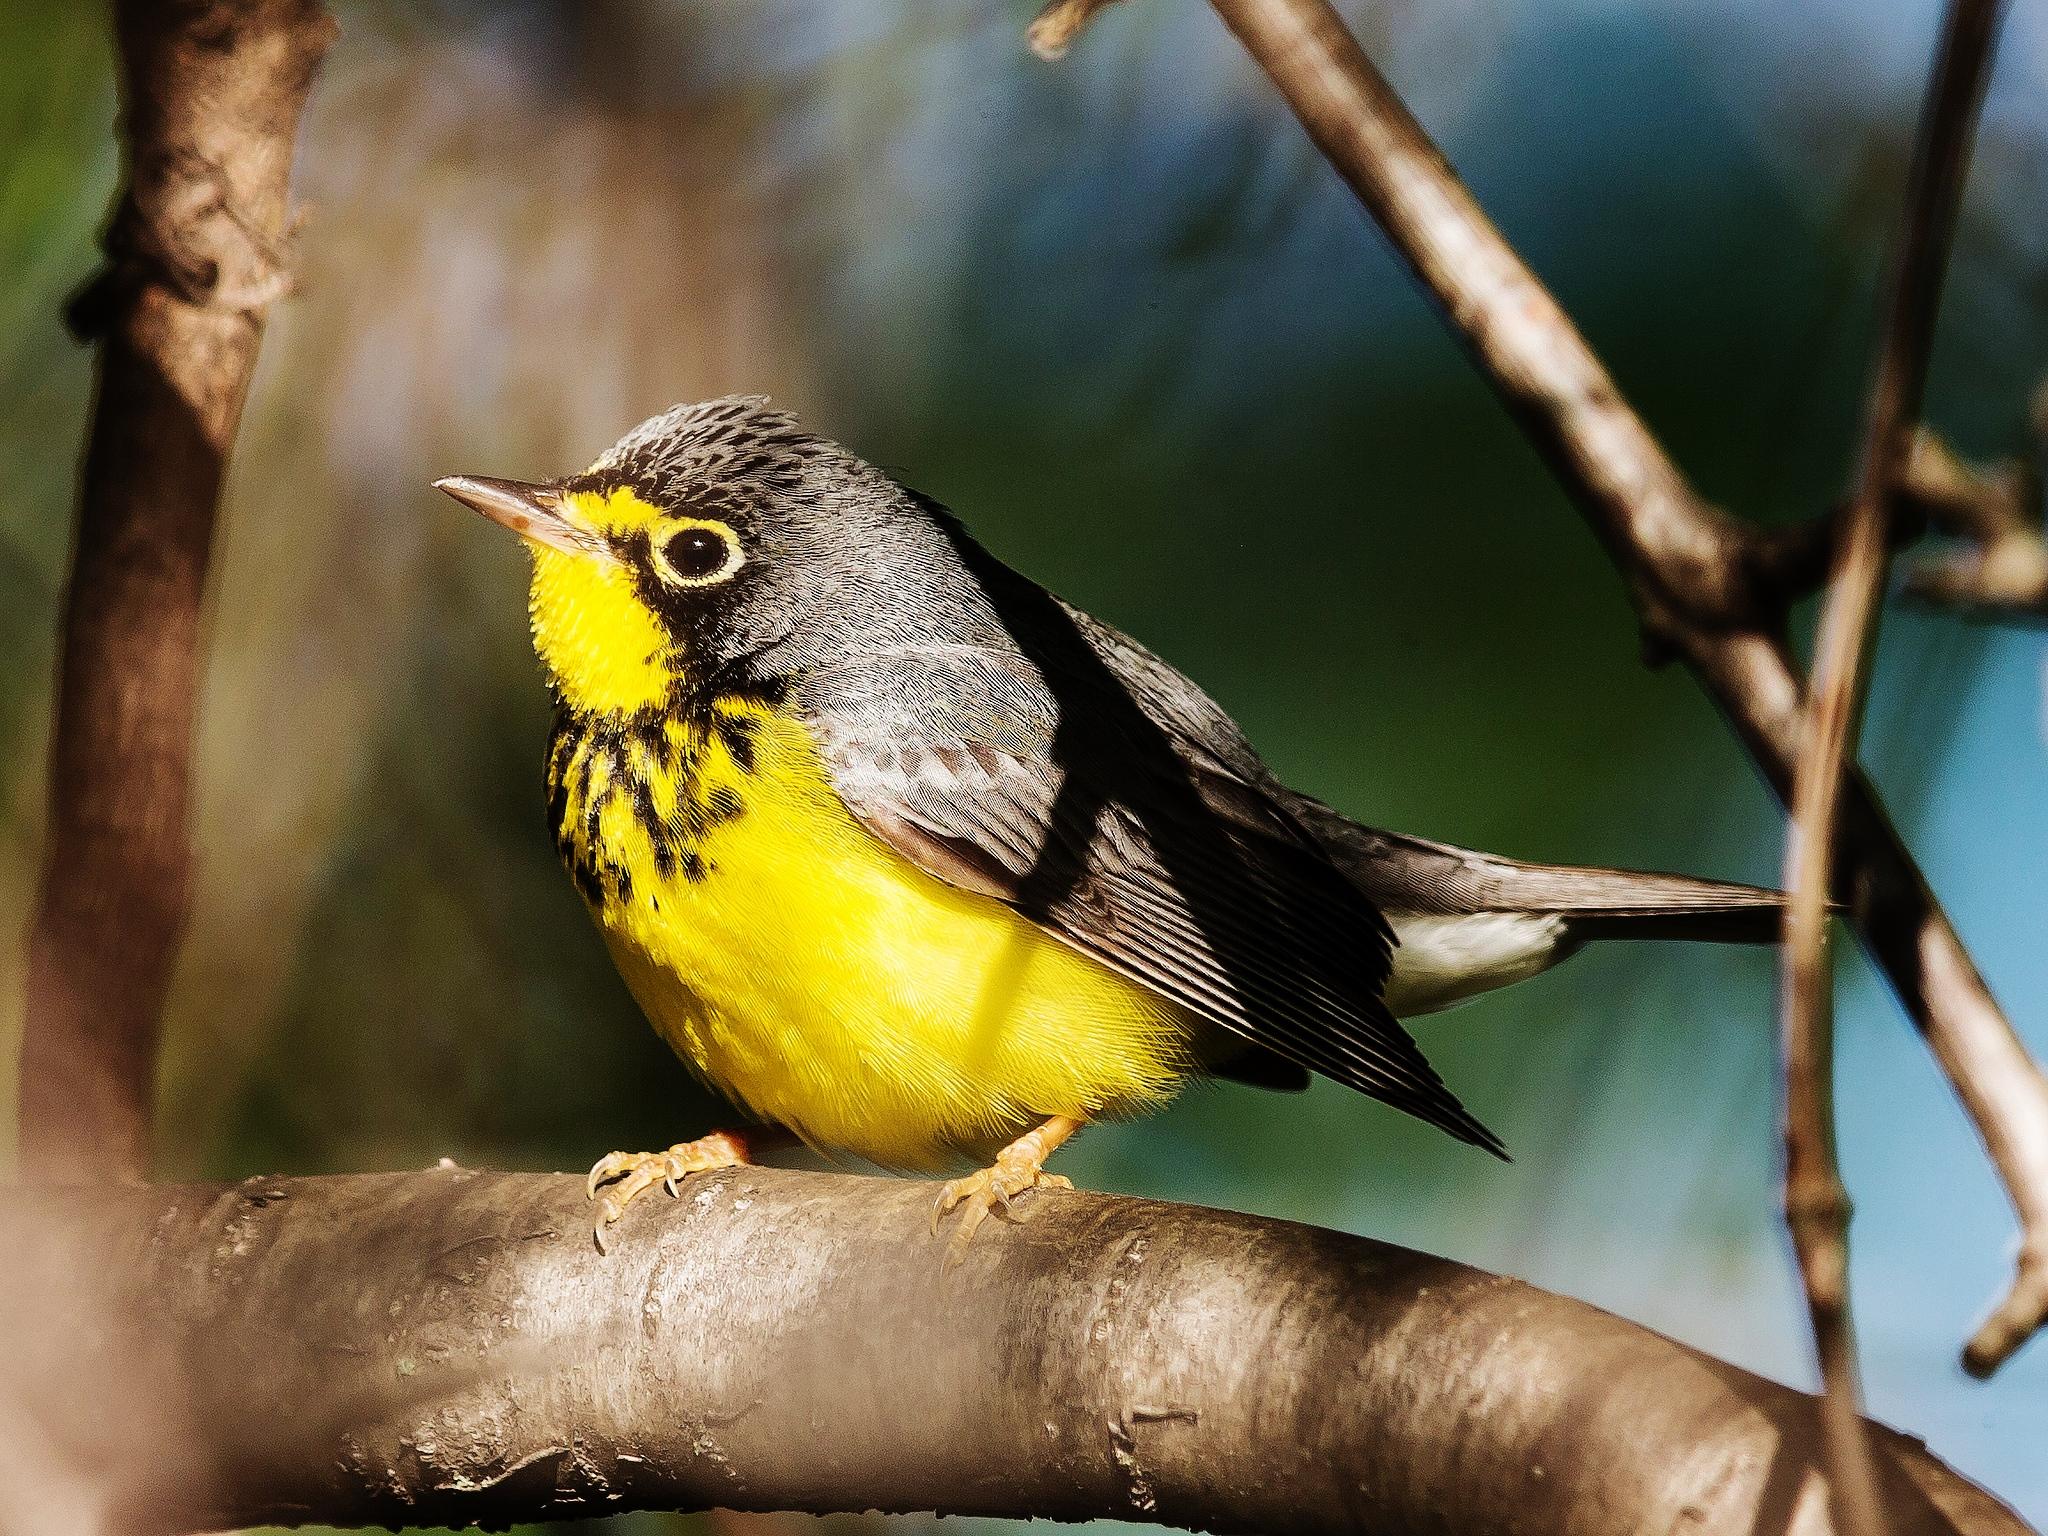 Caption: Canada warbler, Credit: John Benson on Flickr